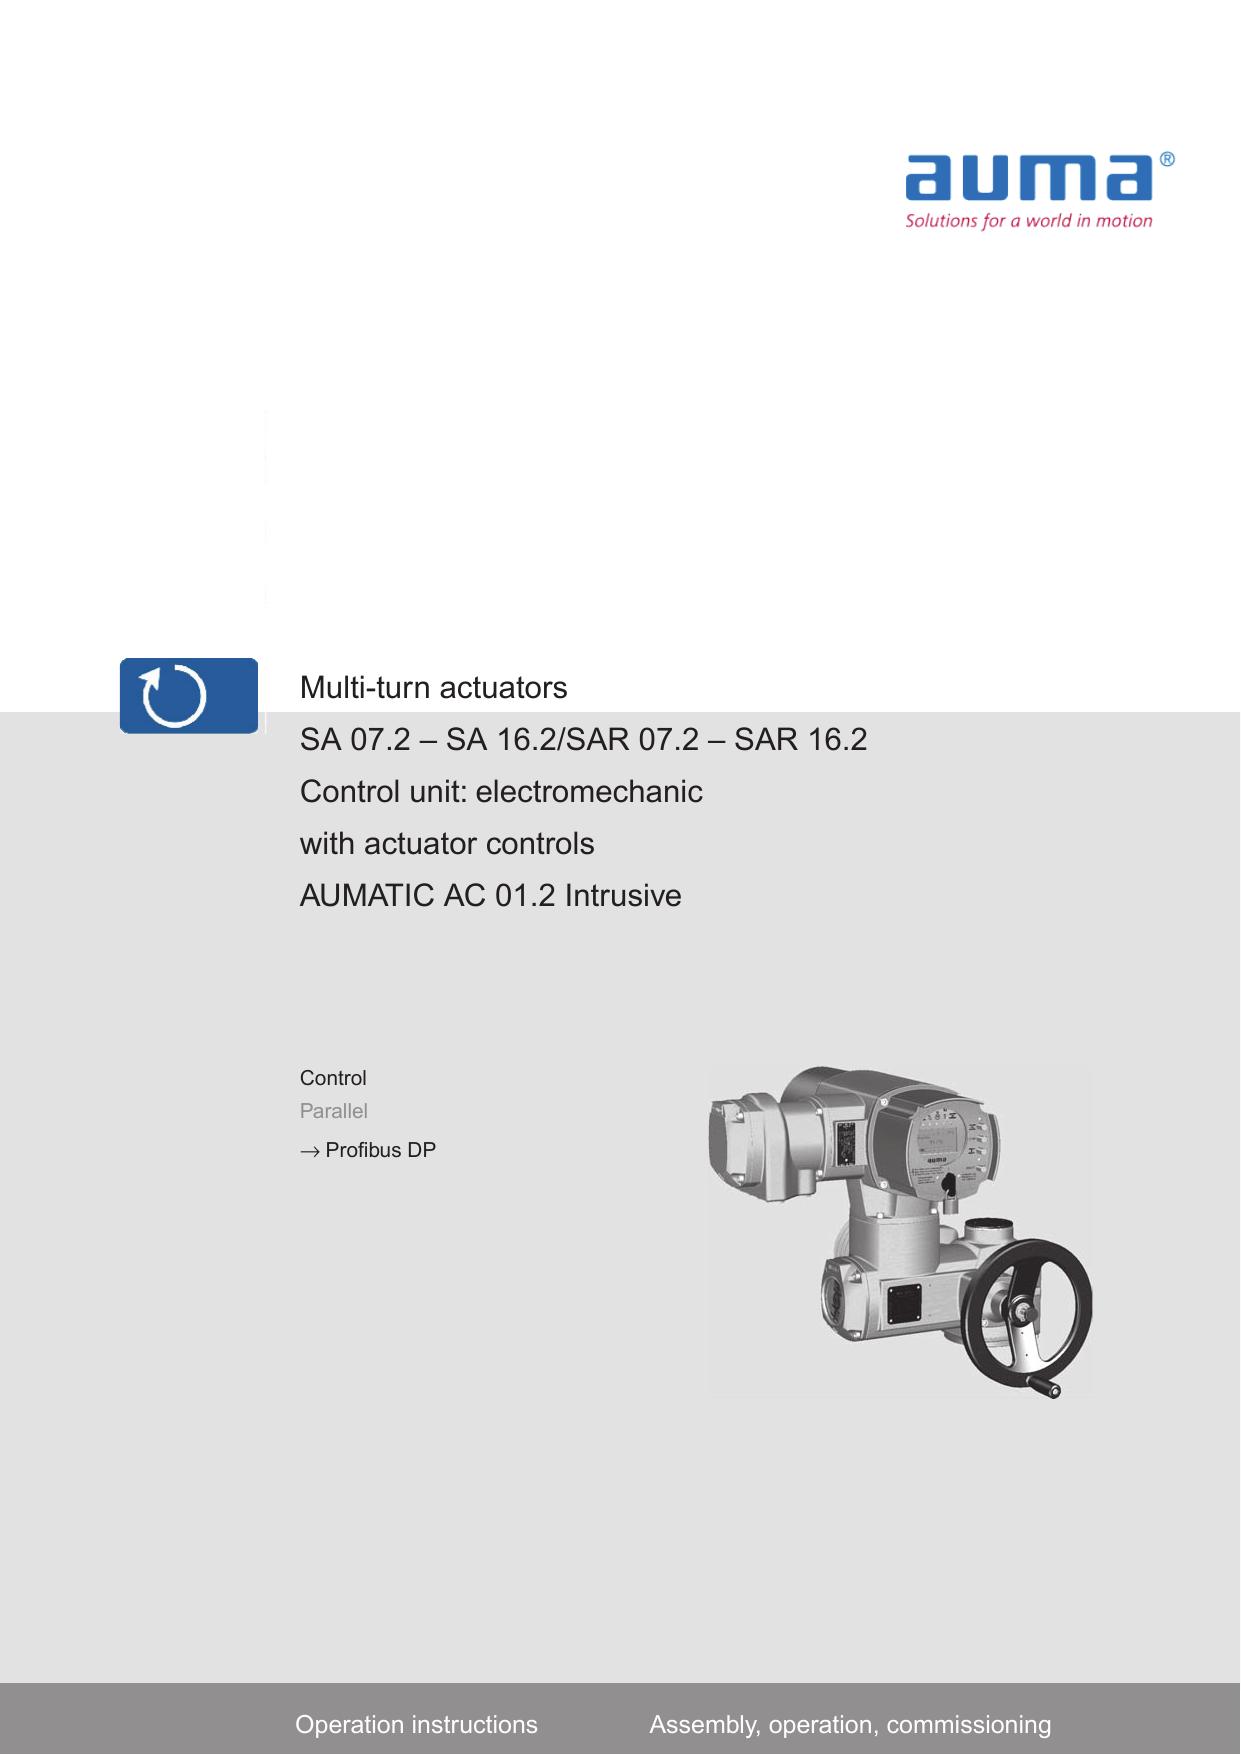 Multi-turn actuators SA 07.2 – SA 16.2/SAR 07.2 – SAR 16.2 Control on